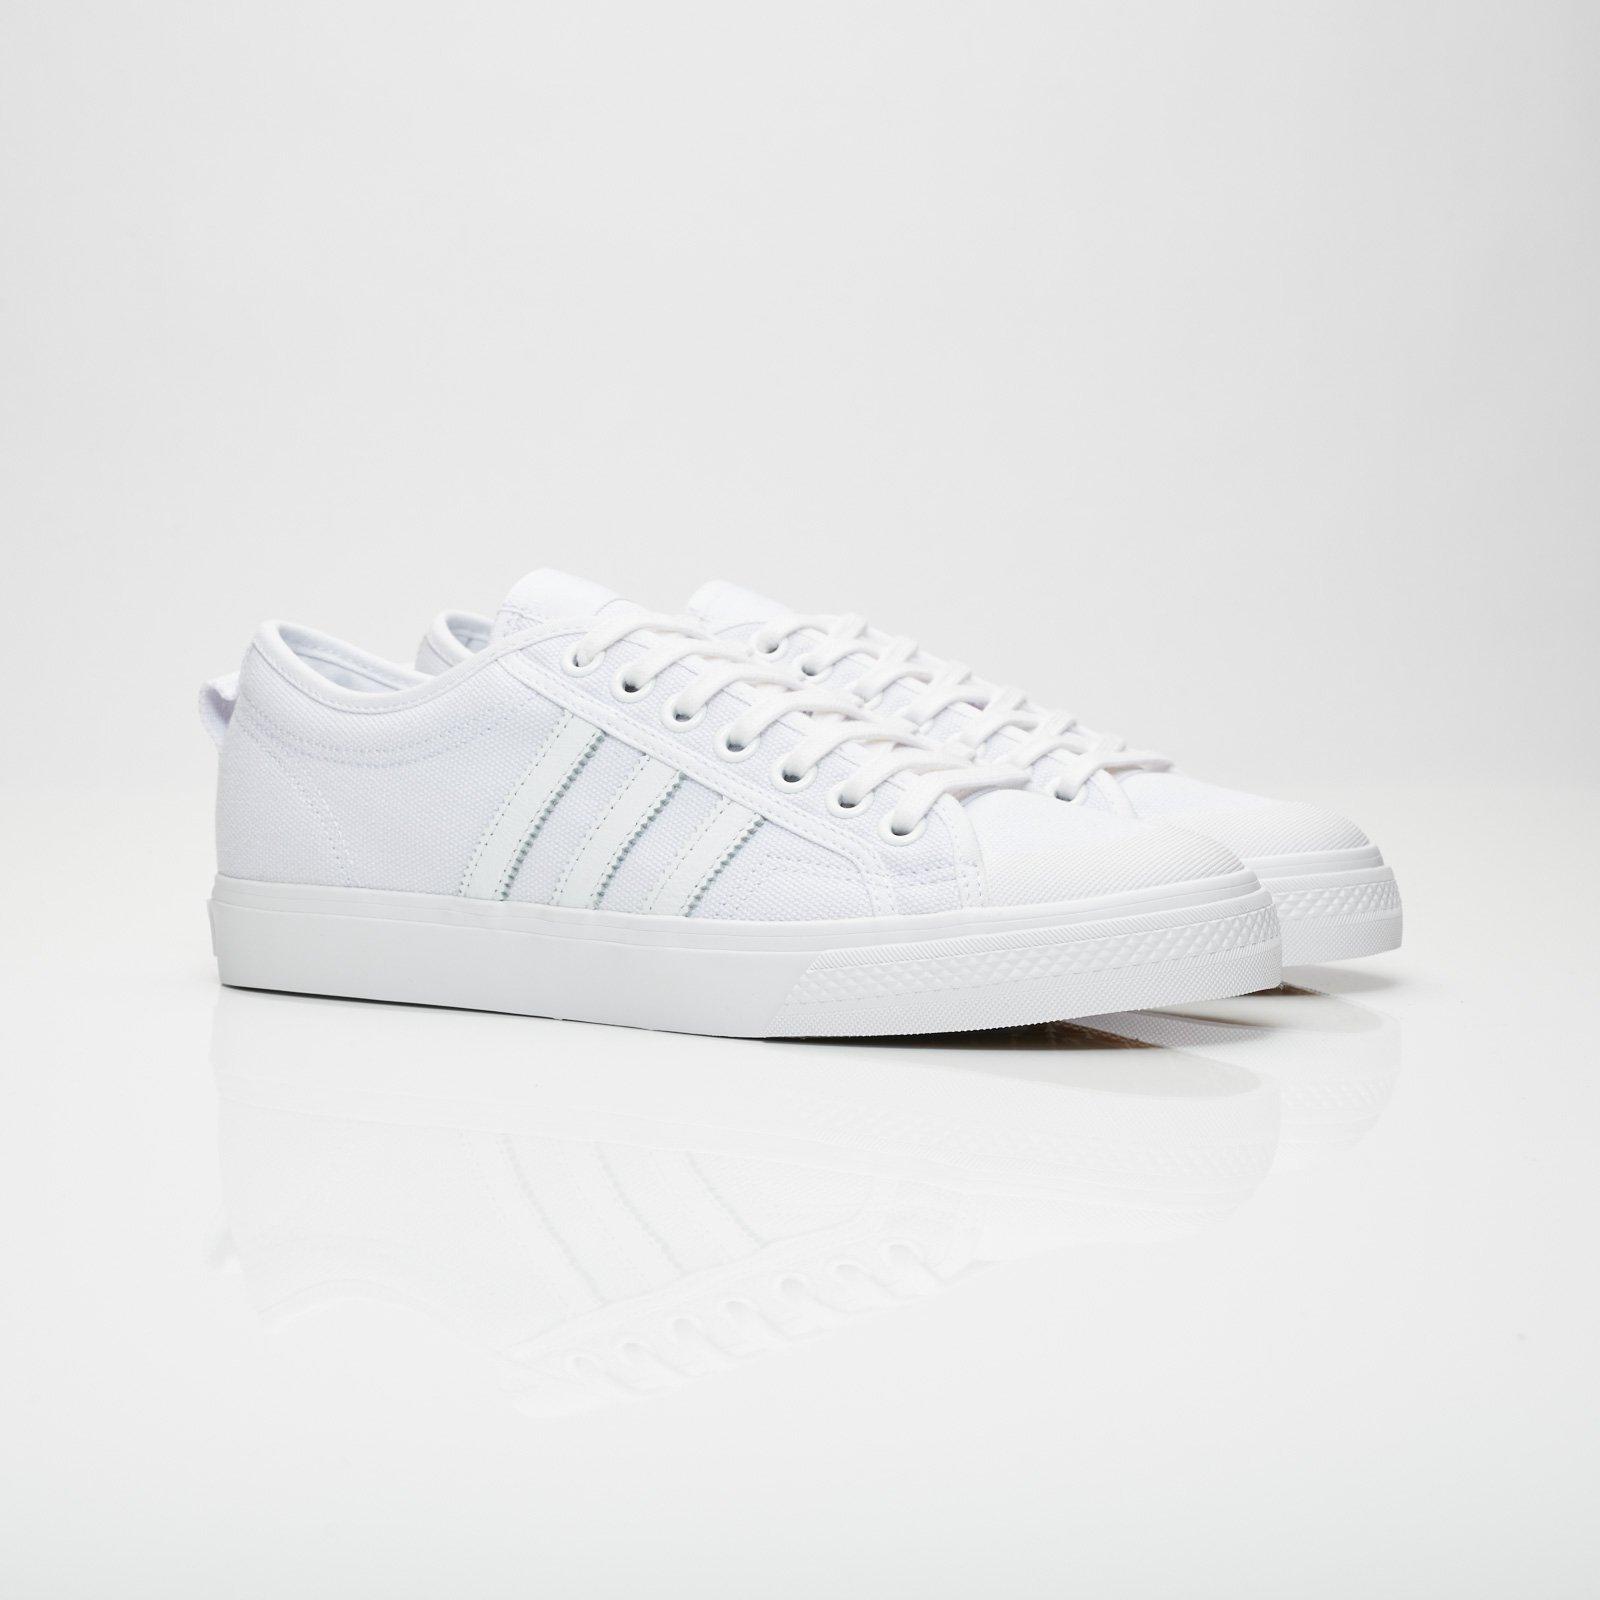 0b5b540f6aa2 adidas Nizza Low - Bz0496 - Sneakersnstuff